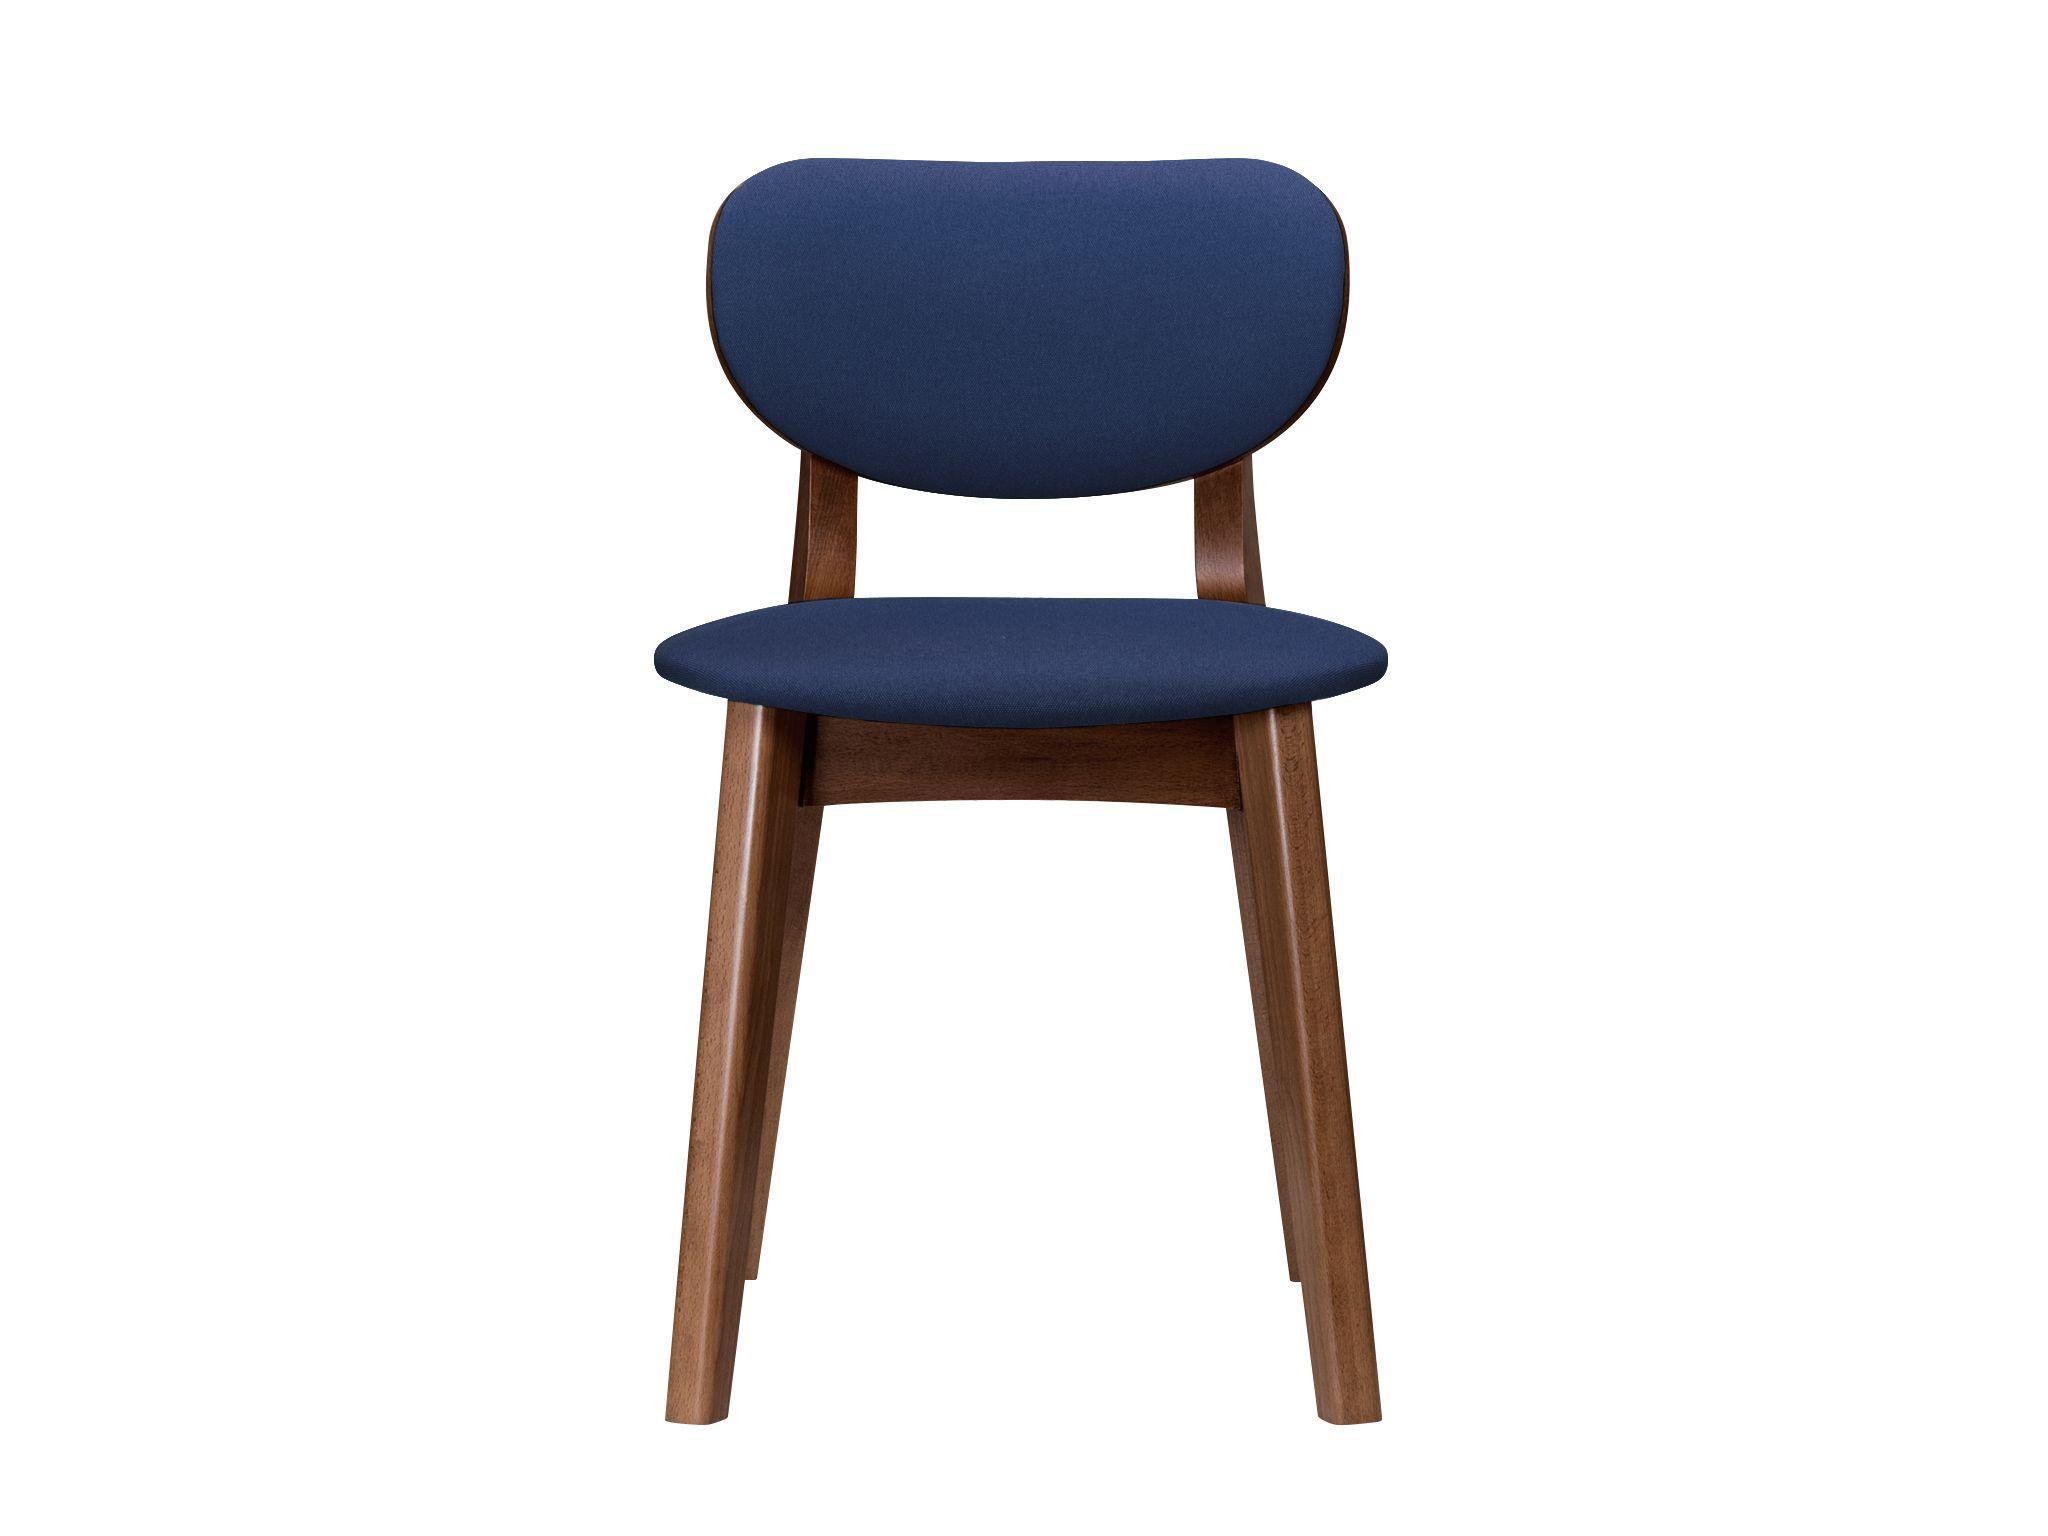 Стул XavierОбеденные стулья<br>&amp;lt;div&amp;gt;Этот стул подкупает своей универсальностью! Он будет идеально смотреться как дополнение к обеденному столу, так и станет акцентом для вашей творческой студии. Само воплощение скандинавской классики.&amp;lt;/div&amp;gt;&amp;lt;div&amp;gt;&amp;lt;br&amp;gt;&amp;lt;/div&amp;gt;&amp;lt;div&amp;gt;Ткань: рогожка (65 000 циклов)&amp;lt;/div&amp;gt;&amp;lt;div&amp;gt;Ножки: орех 2/3&amp;lt;/div&amp;gt;Высота сиденья: 45 см&amp;lt;div&amp;gt;&amp;lt;span style=&amp;quot;font-size: 14px;&amp;quot;&amp;gt;Возможно изготовление в других цветах и обивках. Подробности уточняйте у менеджера.&amp;lt;/span&amp;gt;&amp;lt;br&amp;gt;&amp;lt;div&amp;gt;&amp;lt;br&amp;gt;&amp;lt;/div&amp;gt;&amp;lt;/div&amp;gt;<br><br>Material: Текстиль<br>Width см: 45,5<br>Depth см: 45<br>Height см: 79